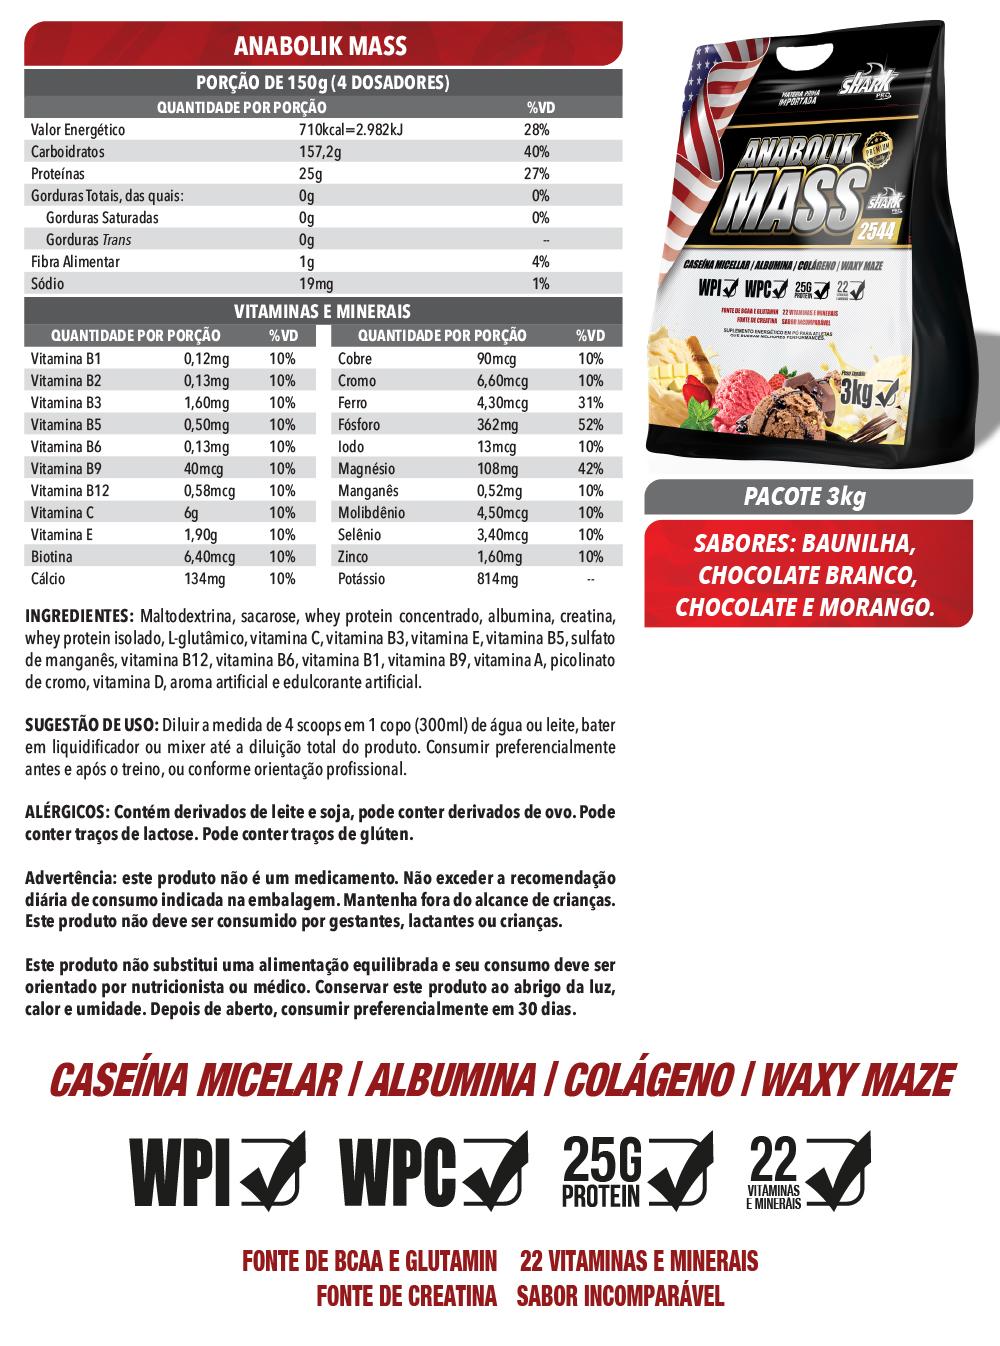 Anabolik Mass 3Kg - Chocolate